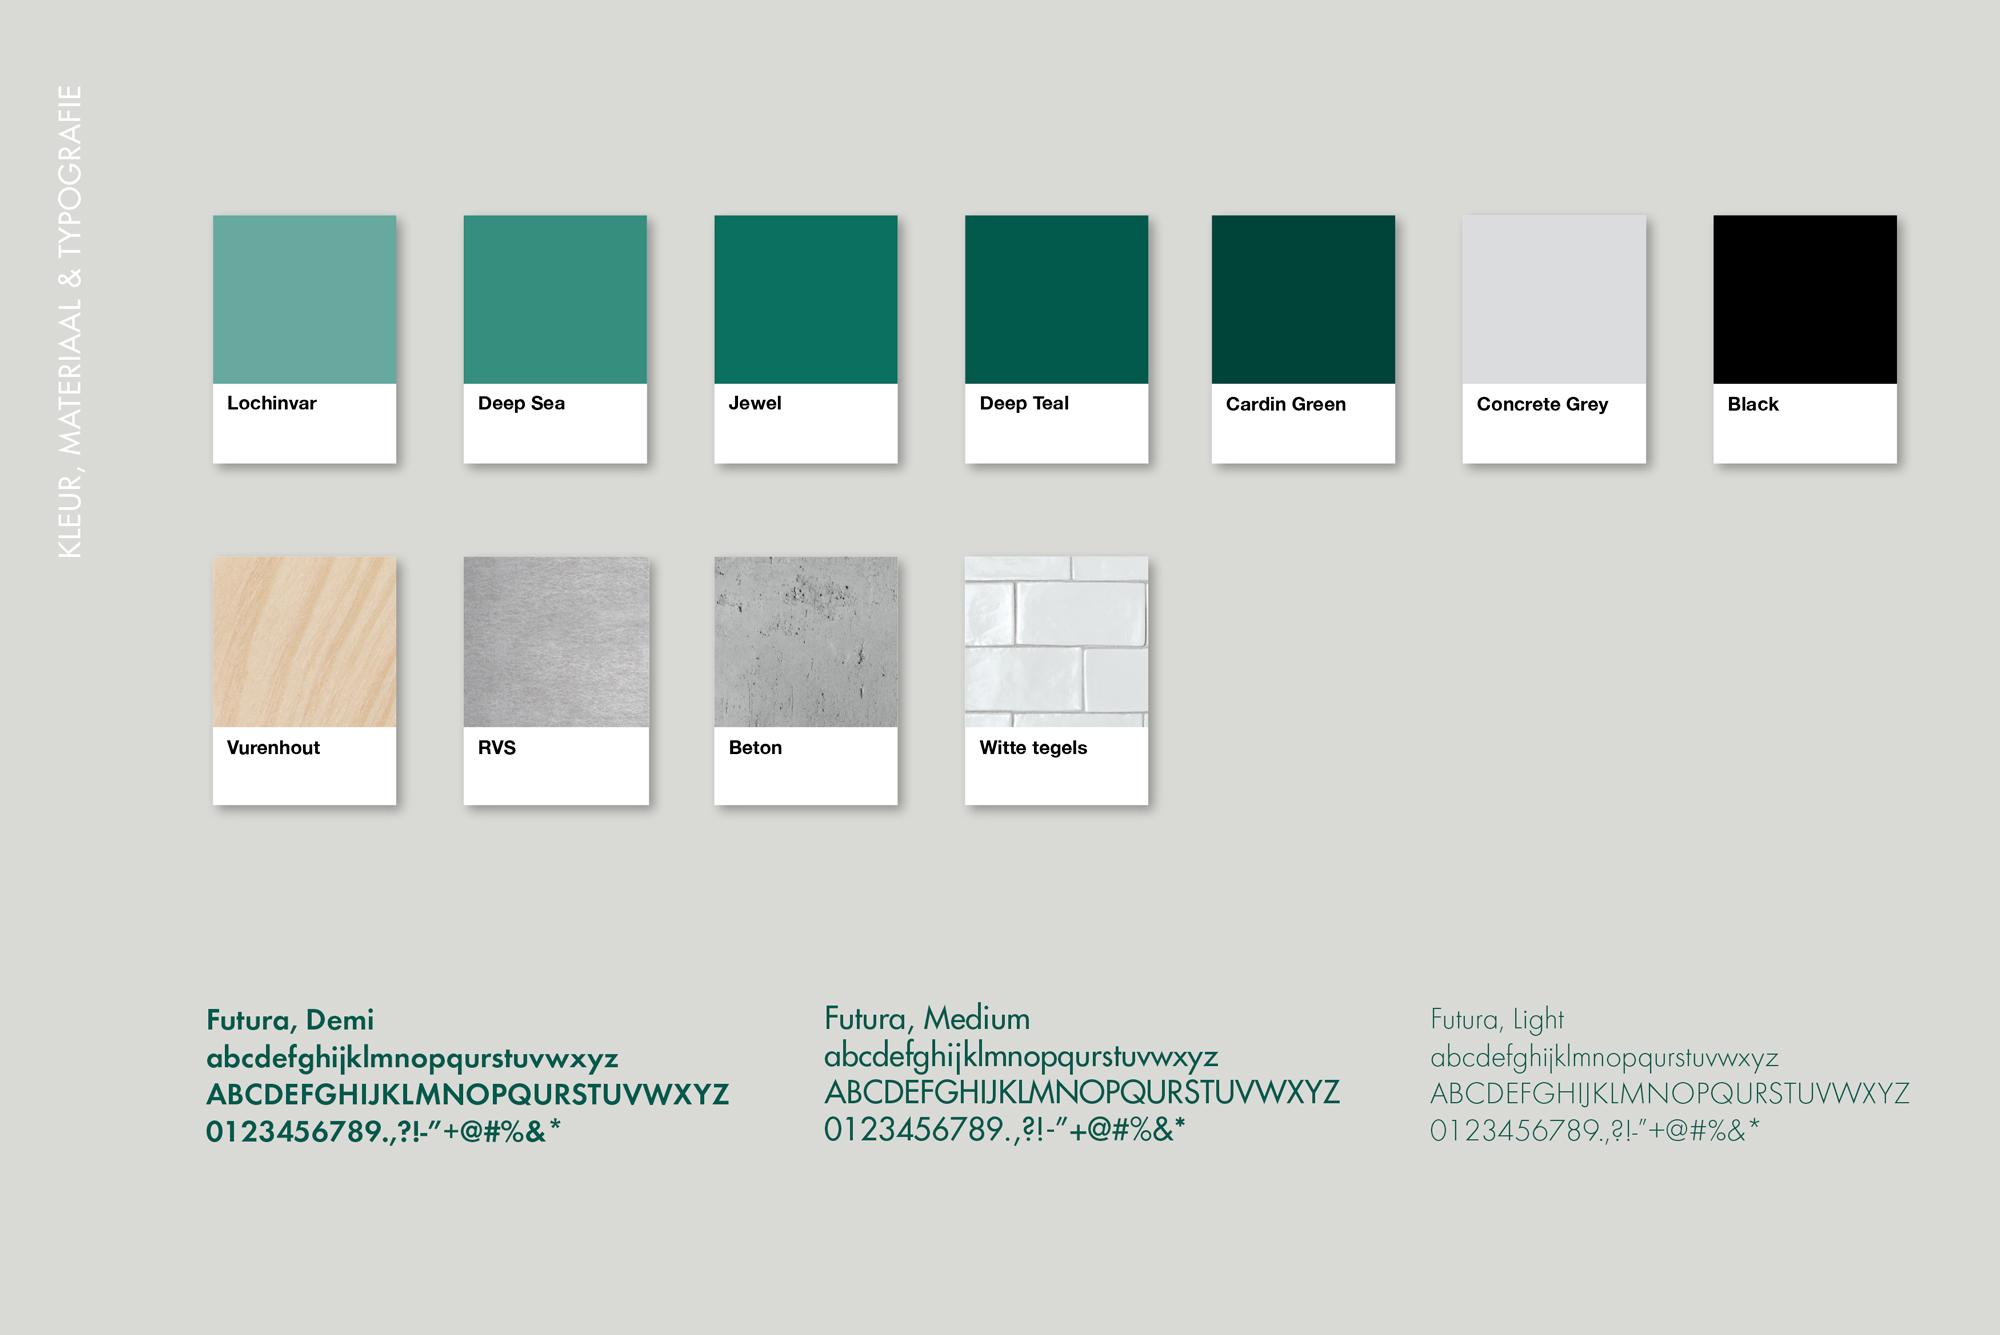 Siebe's Kaas Kleur Materiaal Typografie